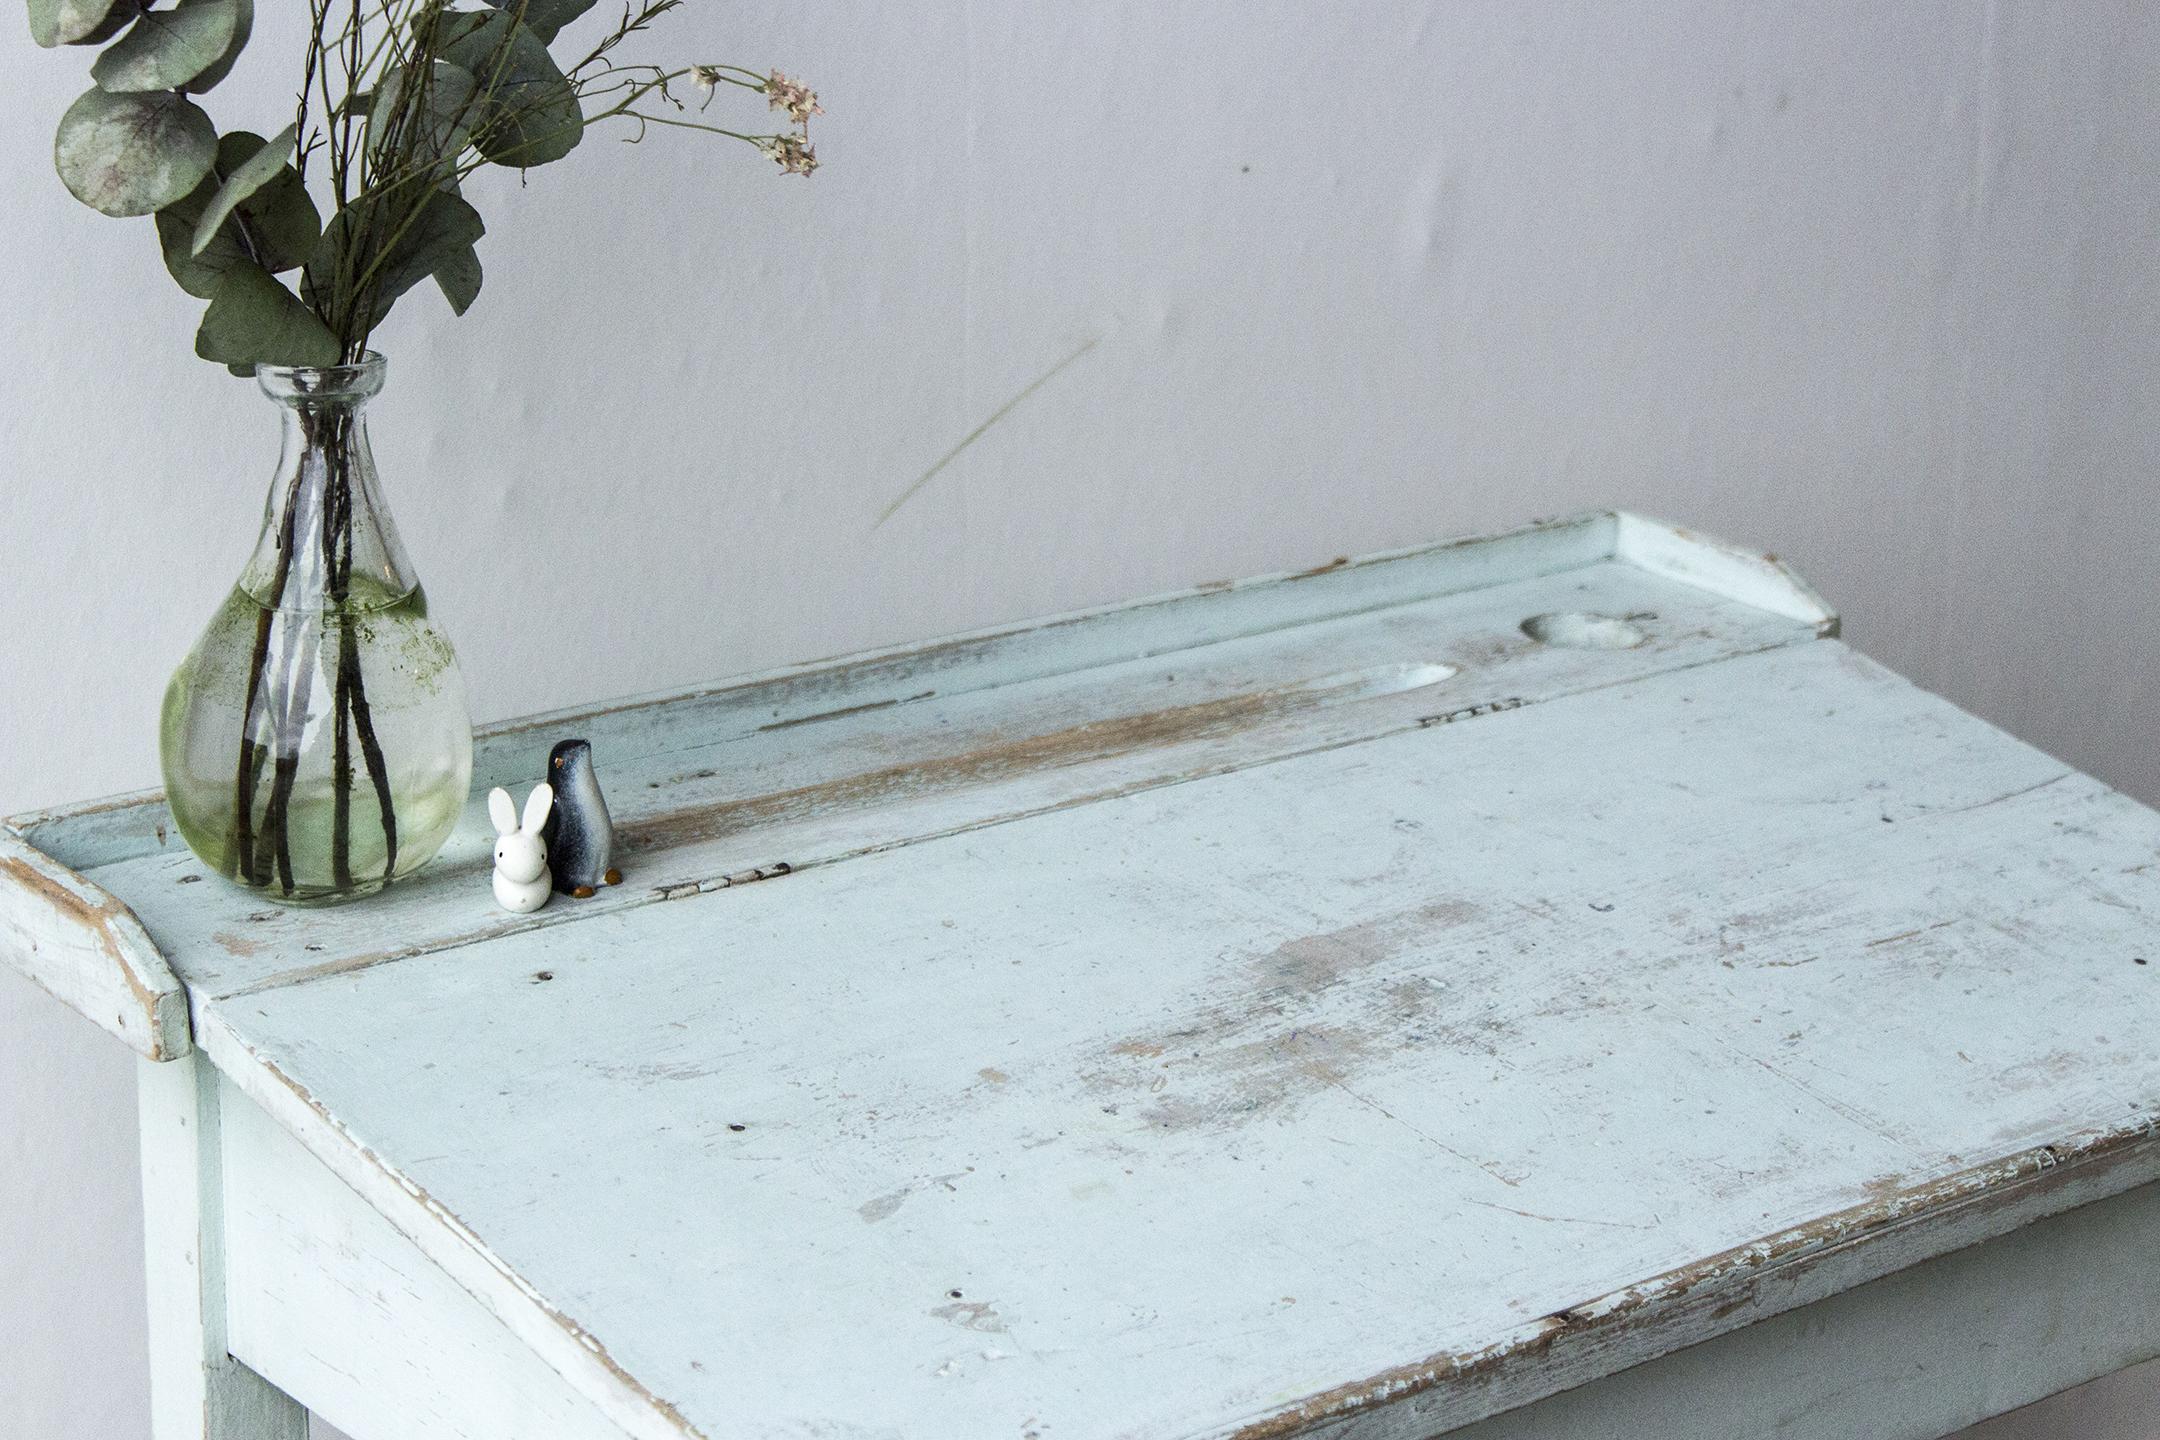 3162 - Lichtblauw vintage kleutertafeltje - Firma zoethout_4.jpg